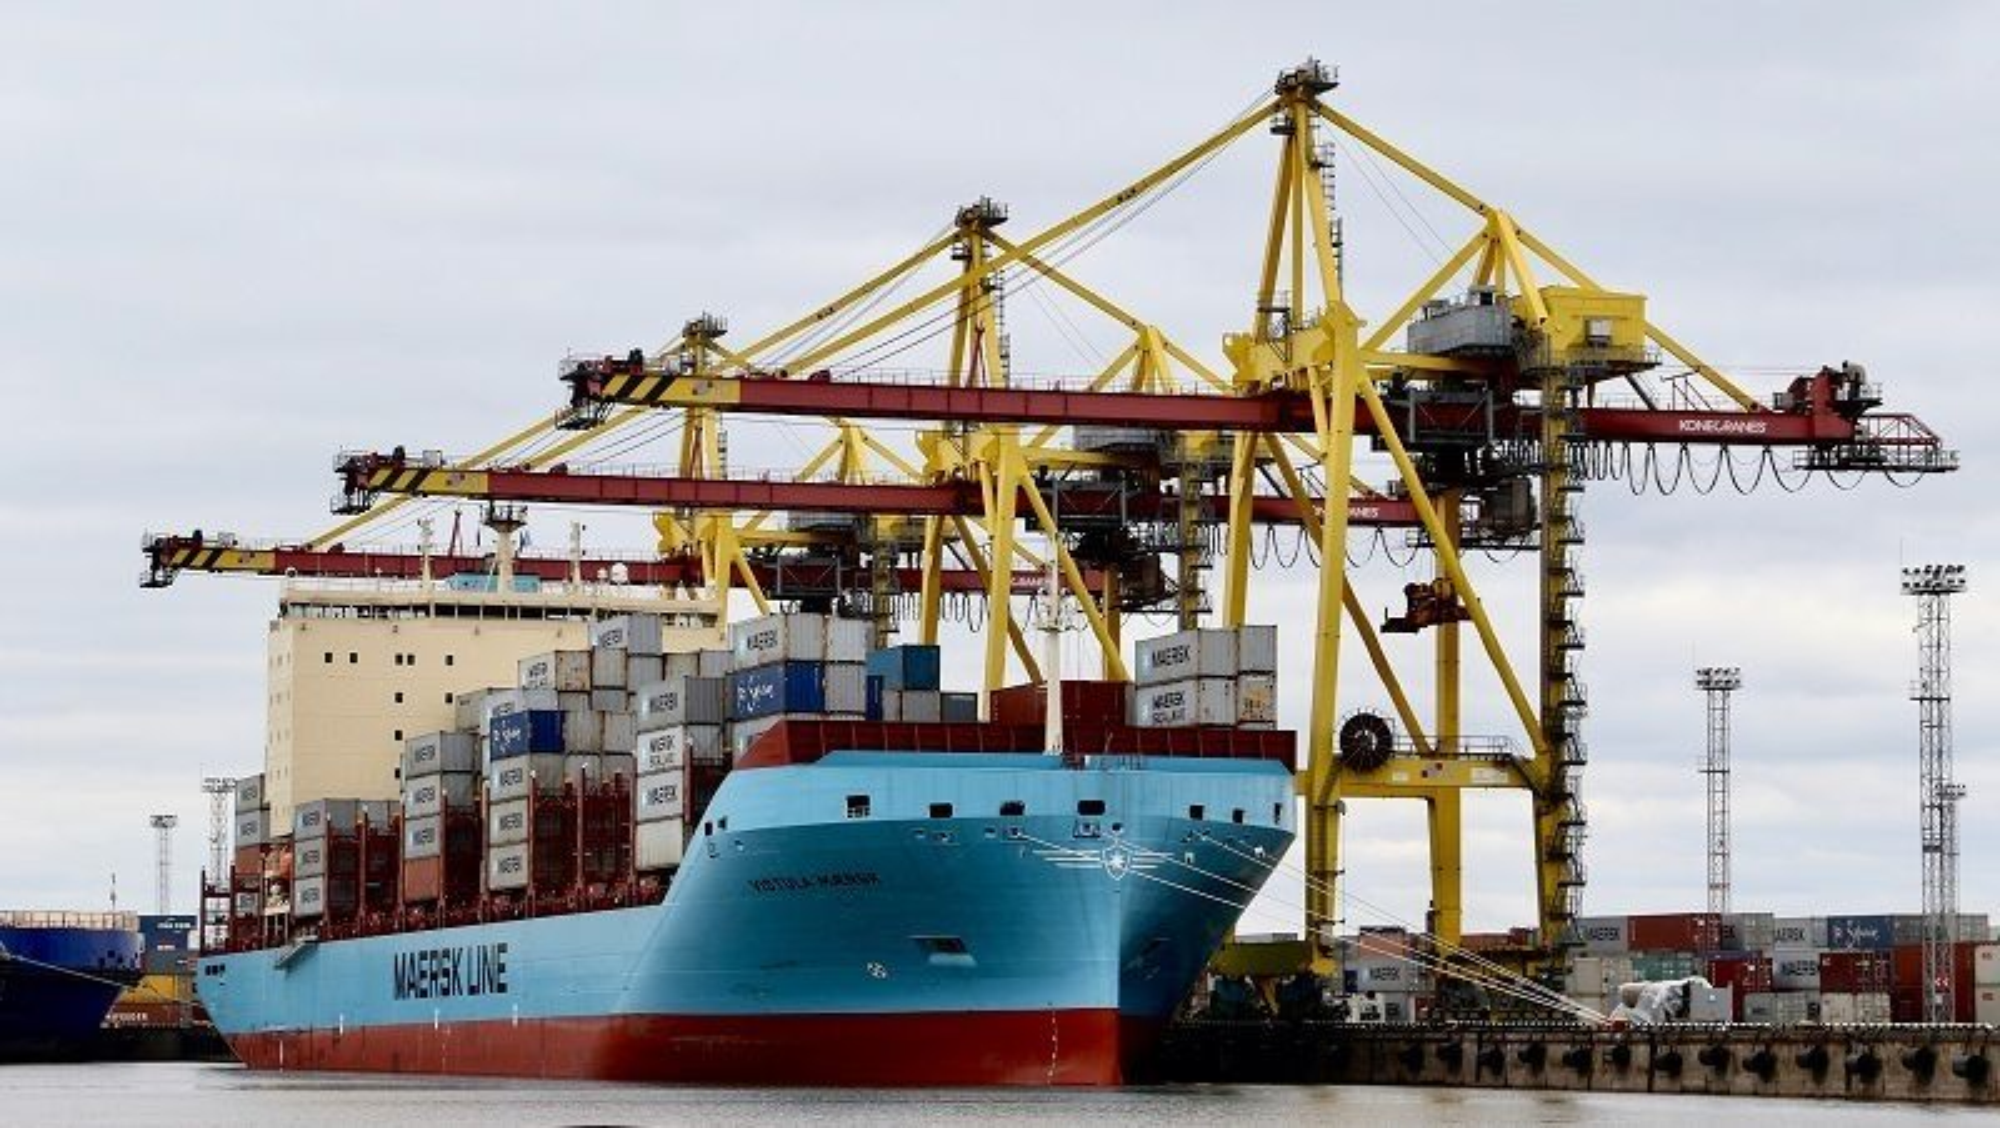 Vistula Maersk til kai. Dette er et av seks søsterskip til Venta Maersk som nå skal seile gjennom Nordøstpassasjen.